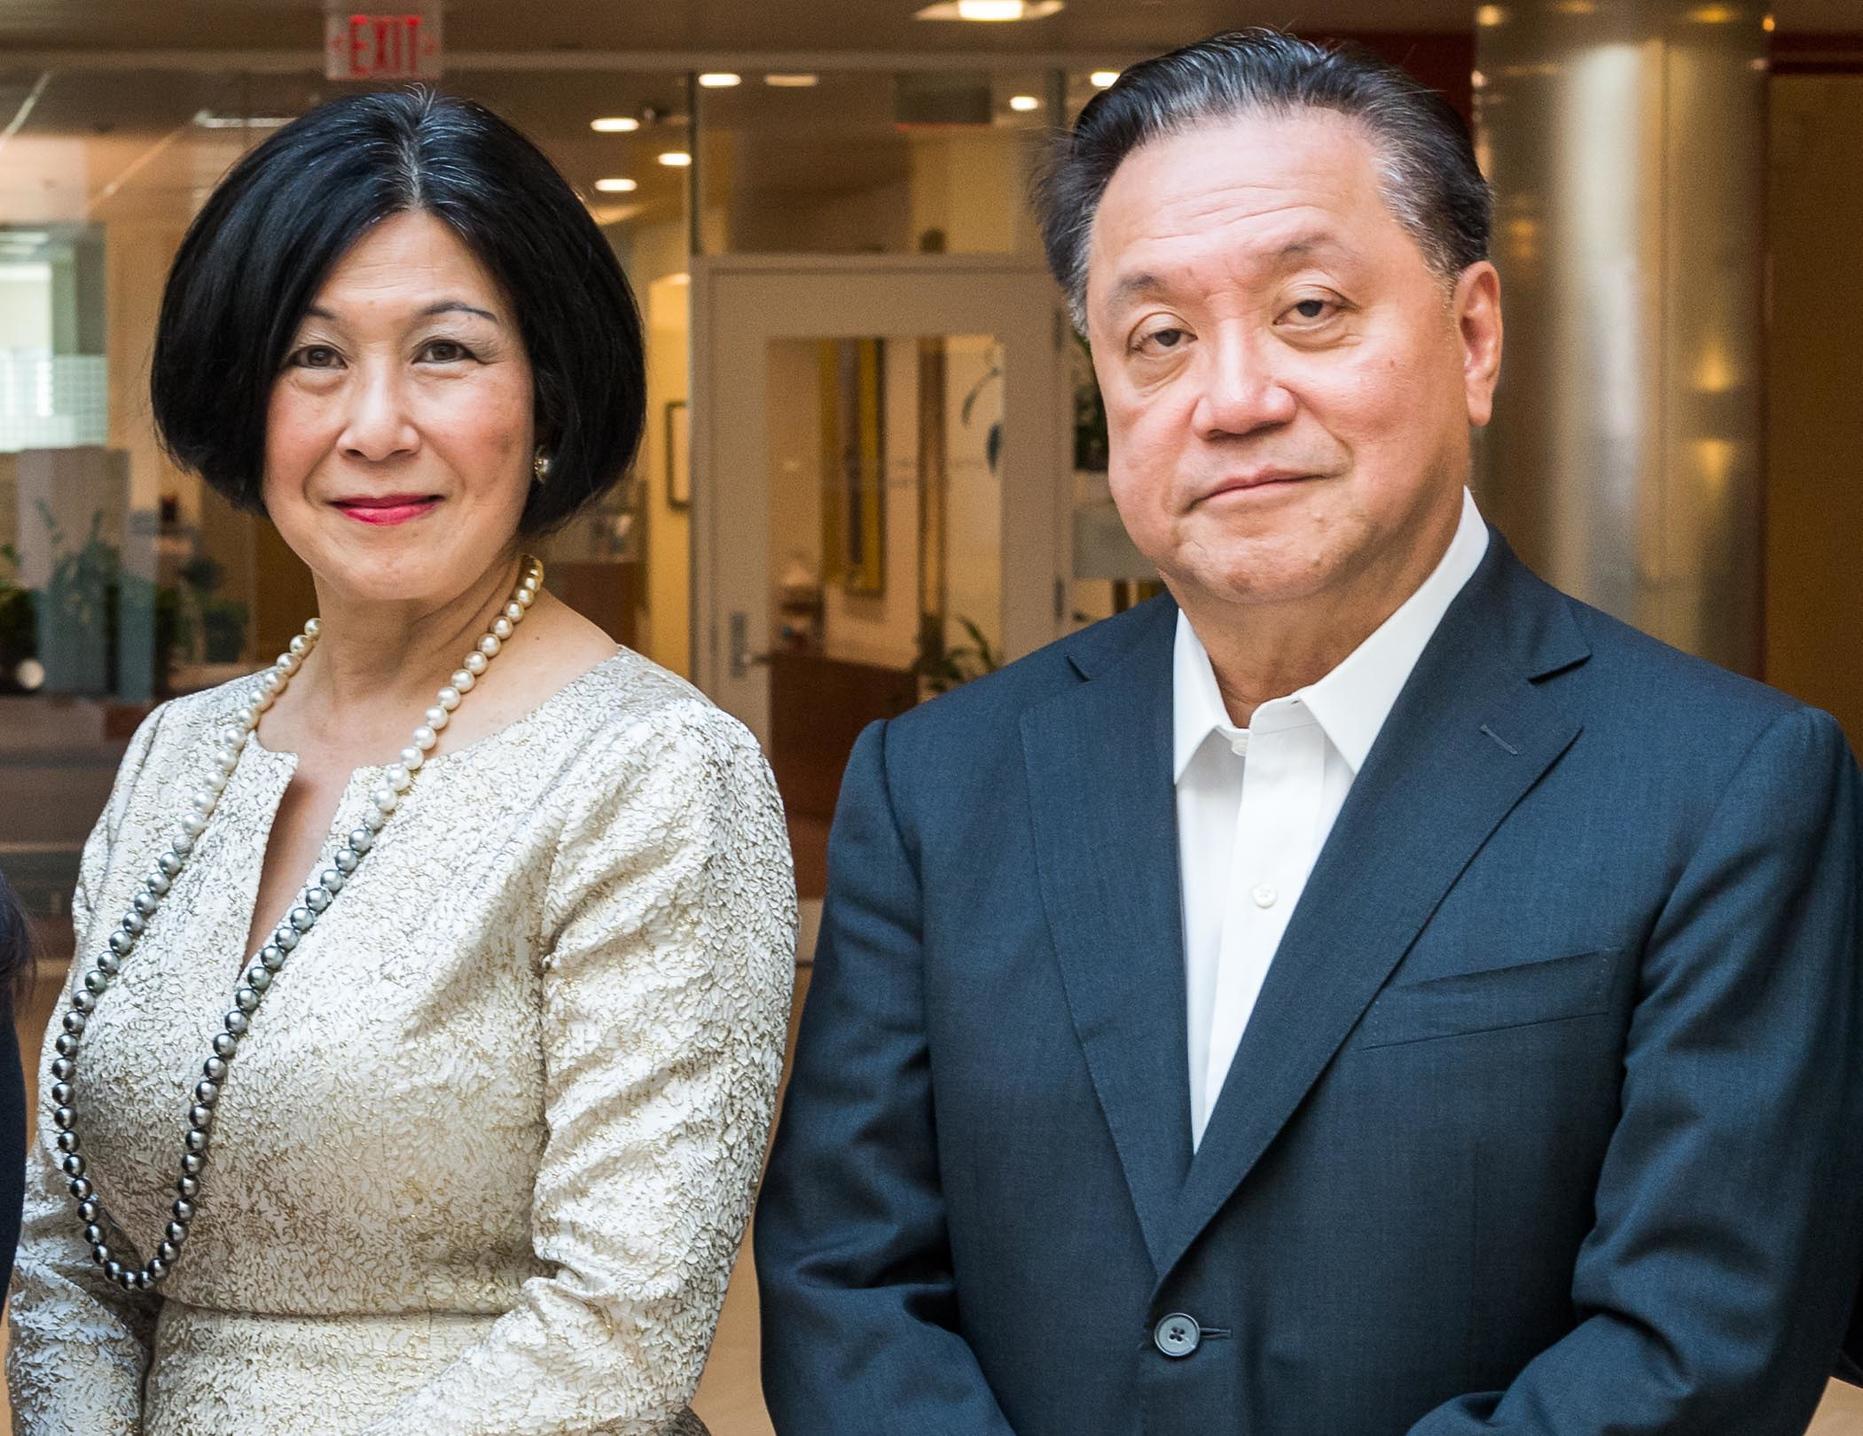 Lisa Yang (L) and Hock Tan